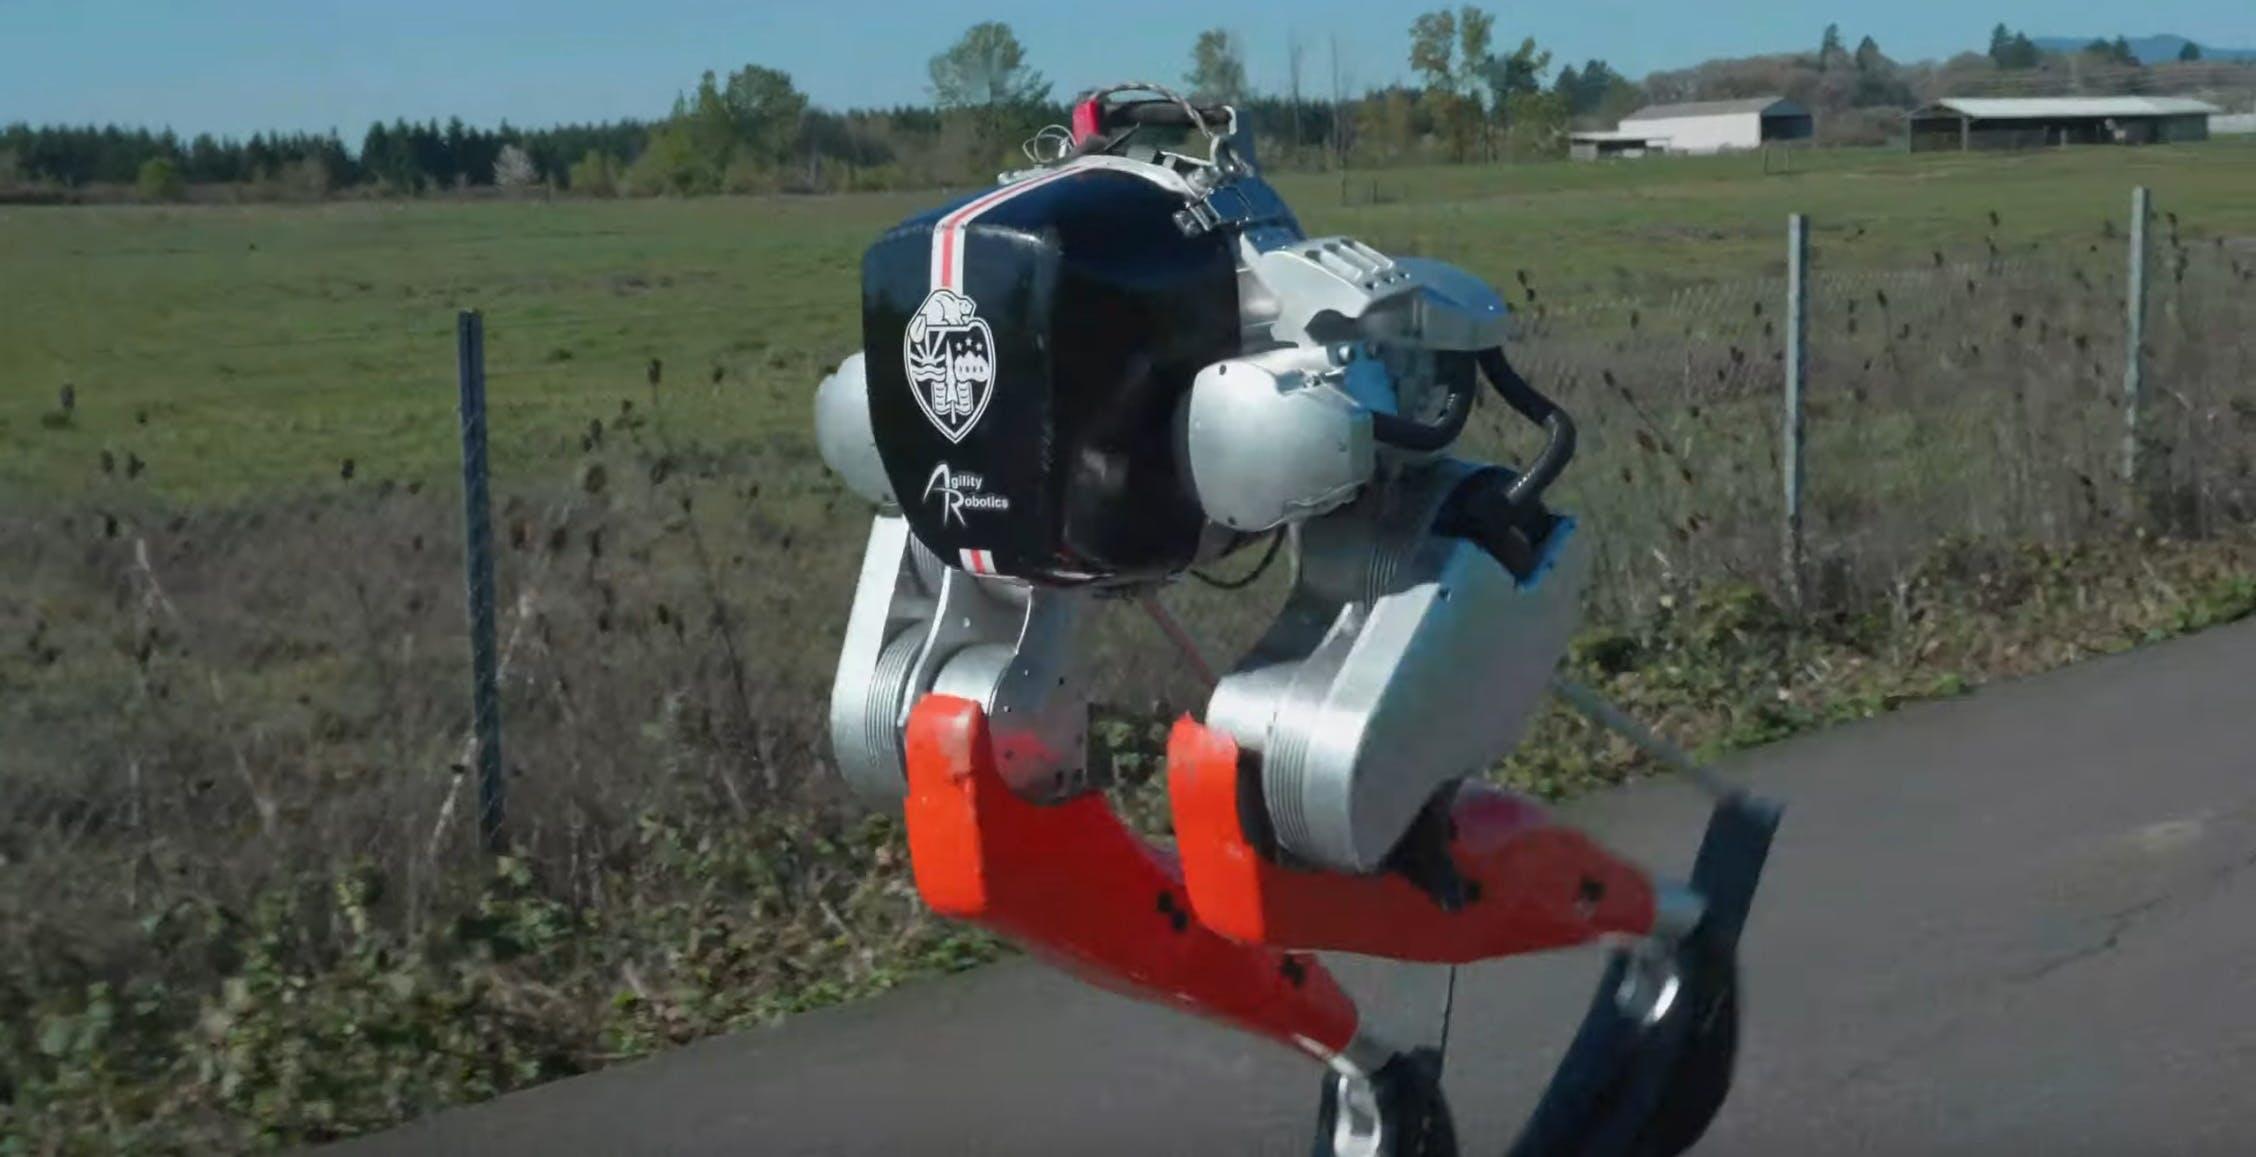 L'incredibile video del robot bipede Cassie. Ha corso per 5 km dopo avere imparato a camminare da solo